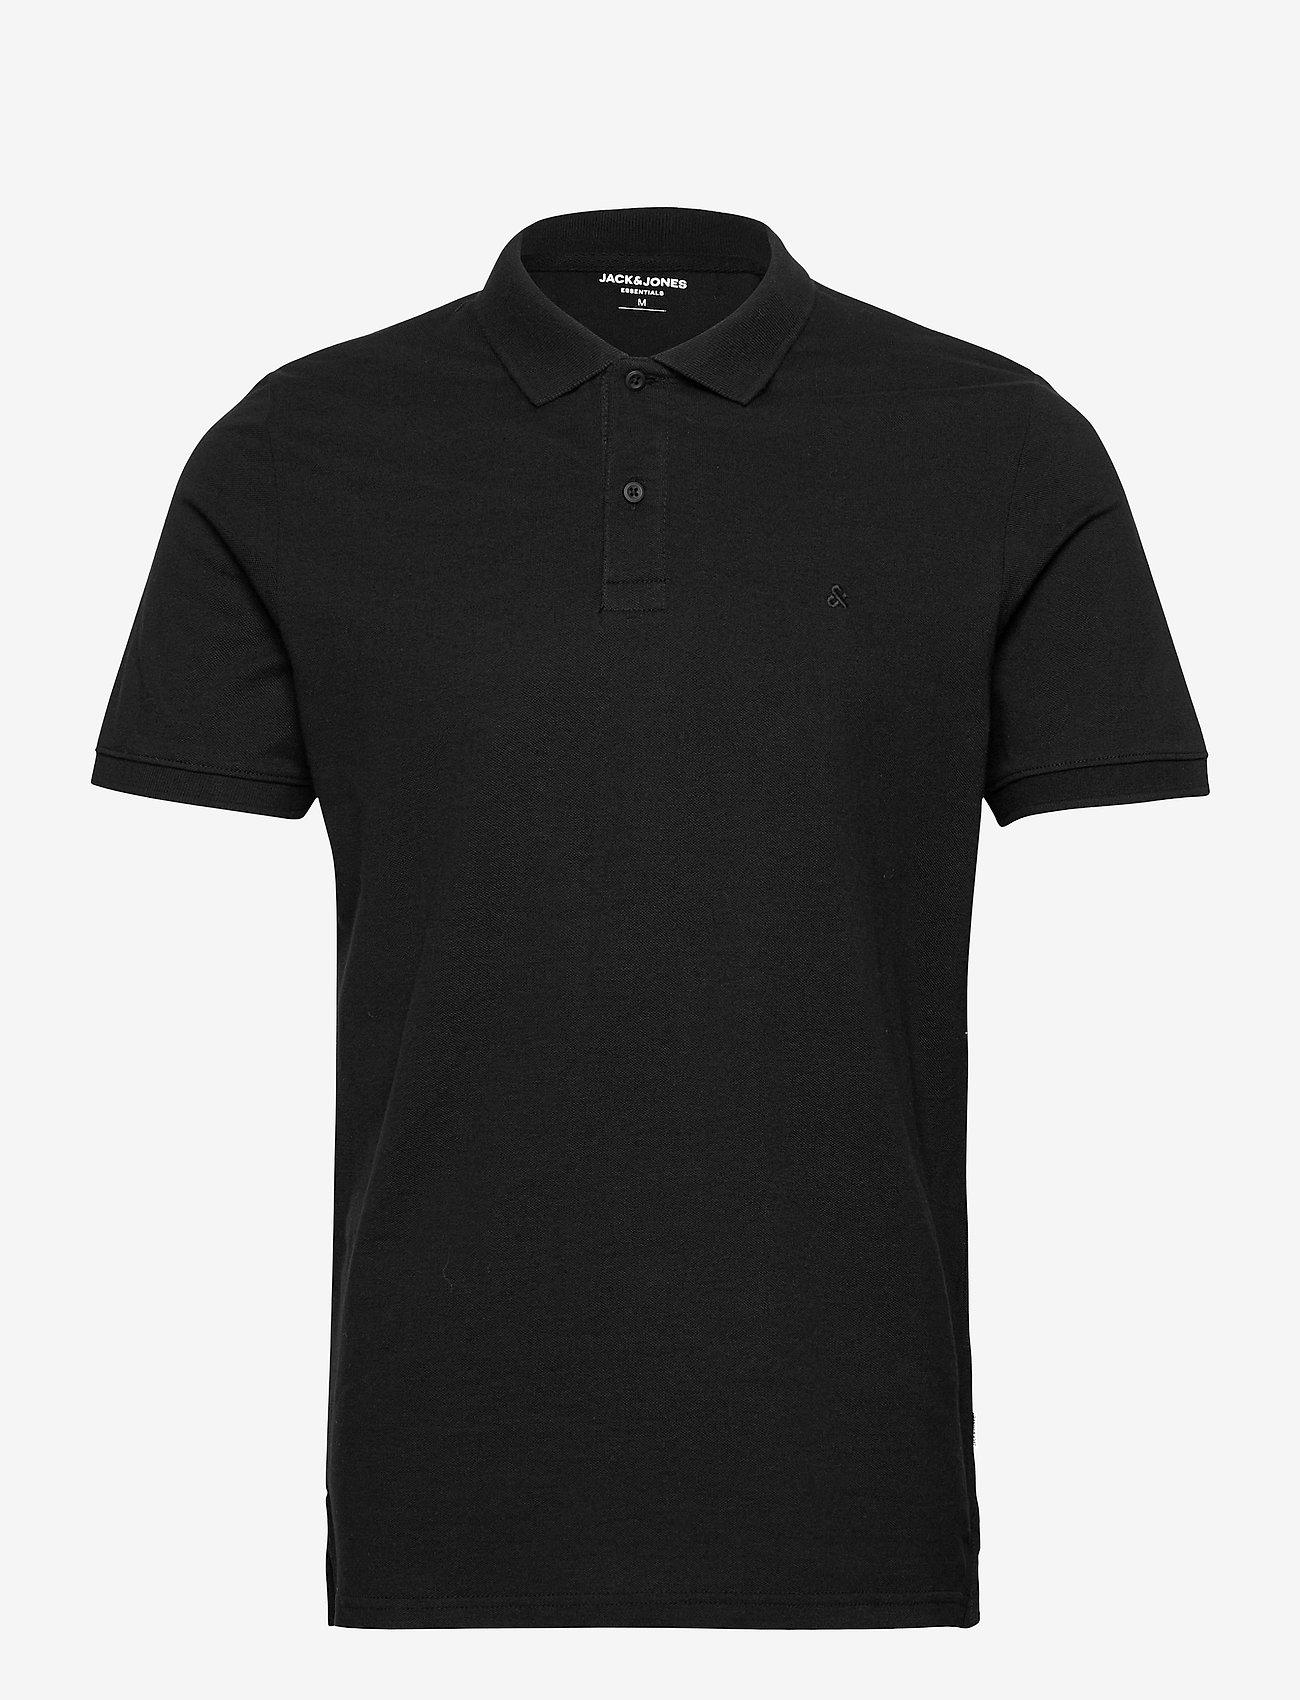 Jack & Jones - JJEBASIC POLO SS - short-sleeved polos - black - 0